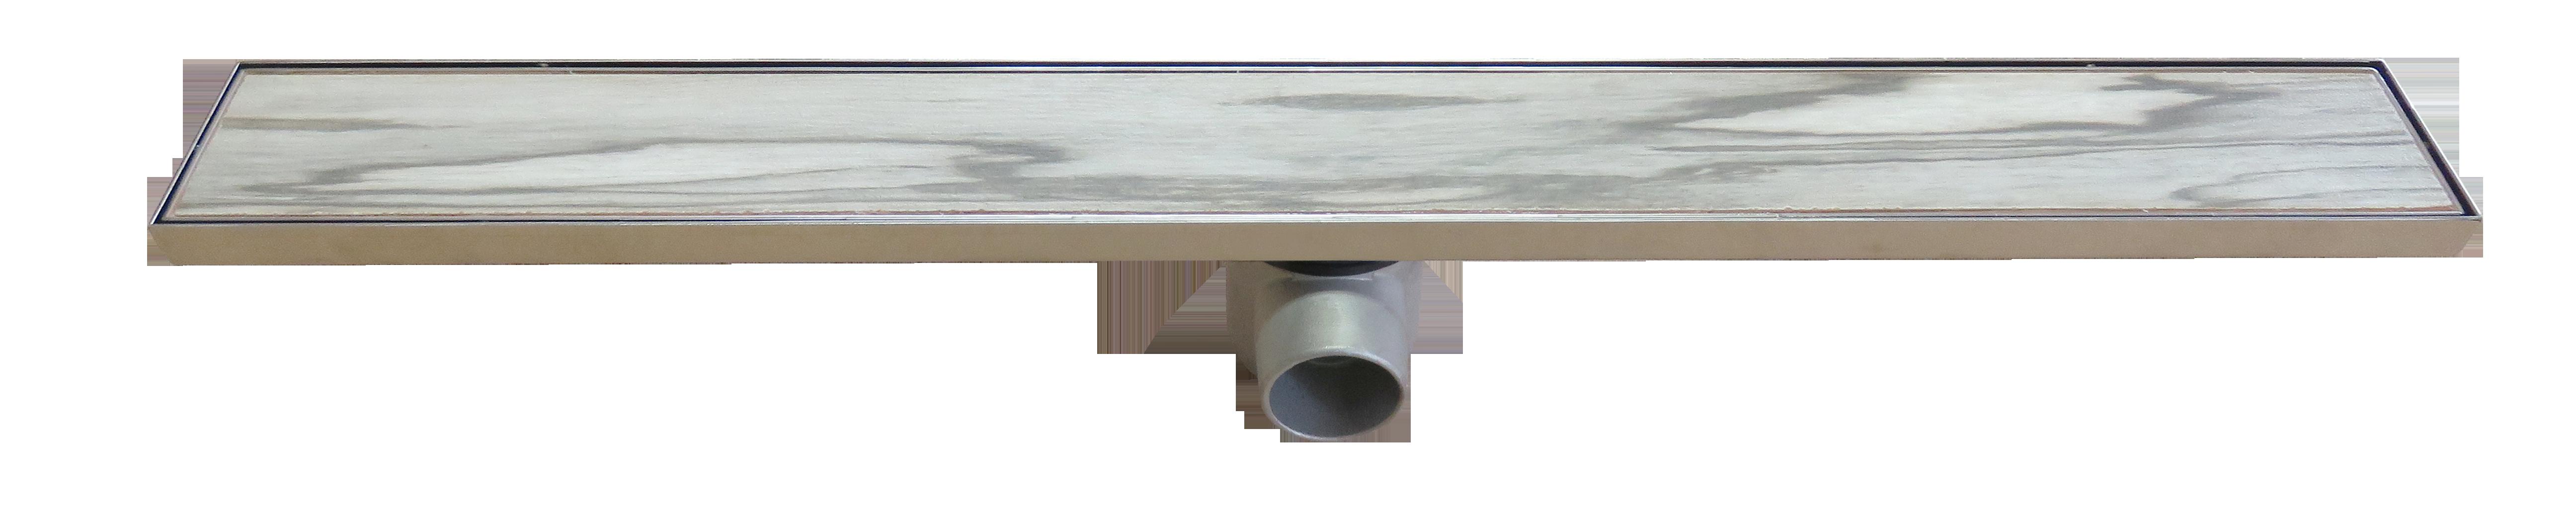 Подов линеен сифон за баня 840мм предназначен за вграждане на плочка или стъкло